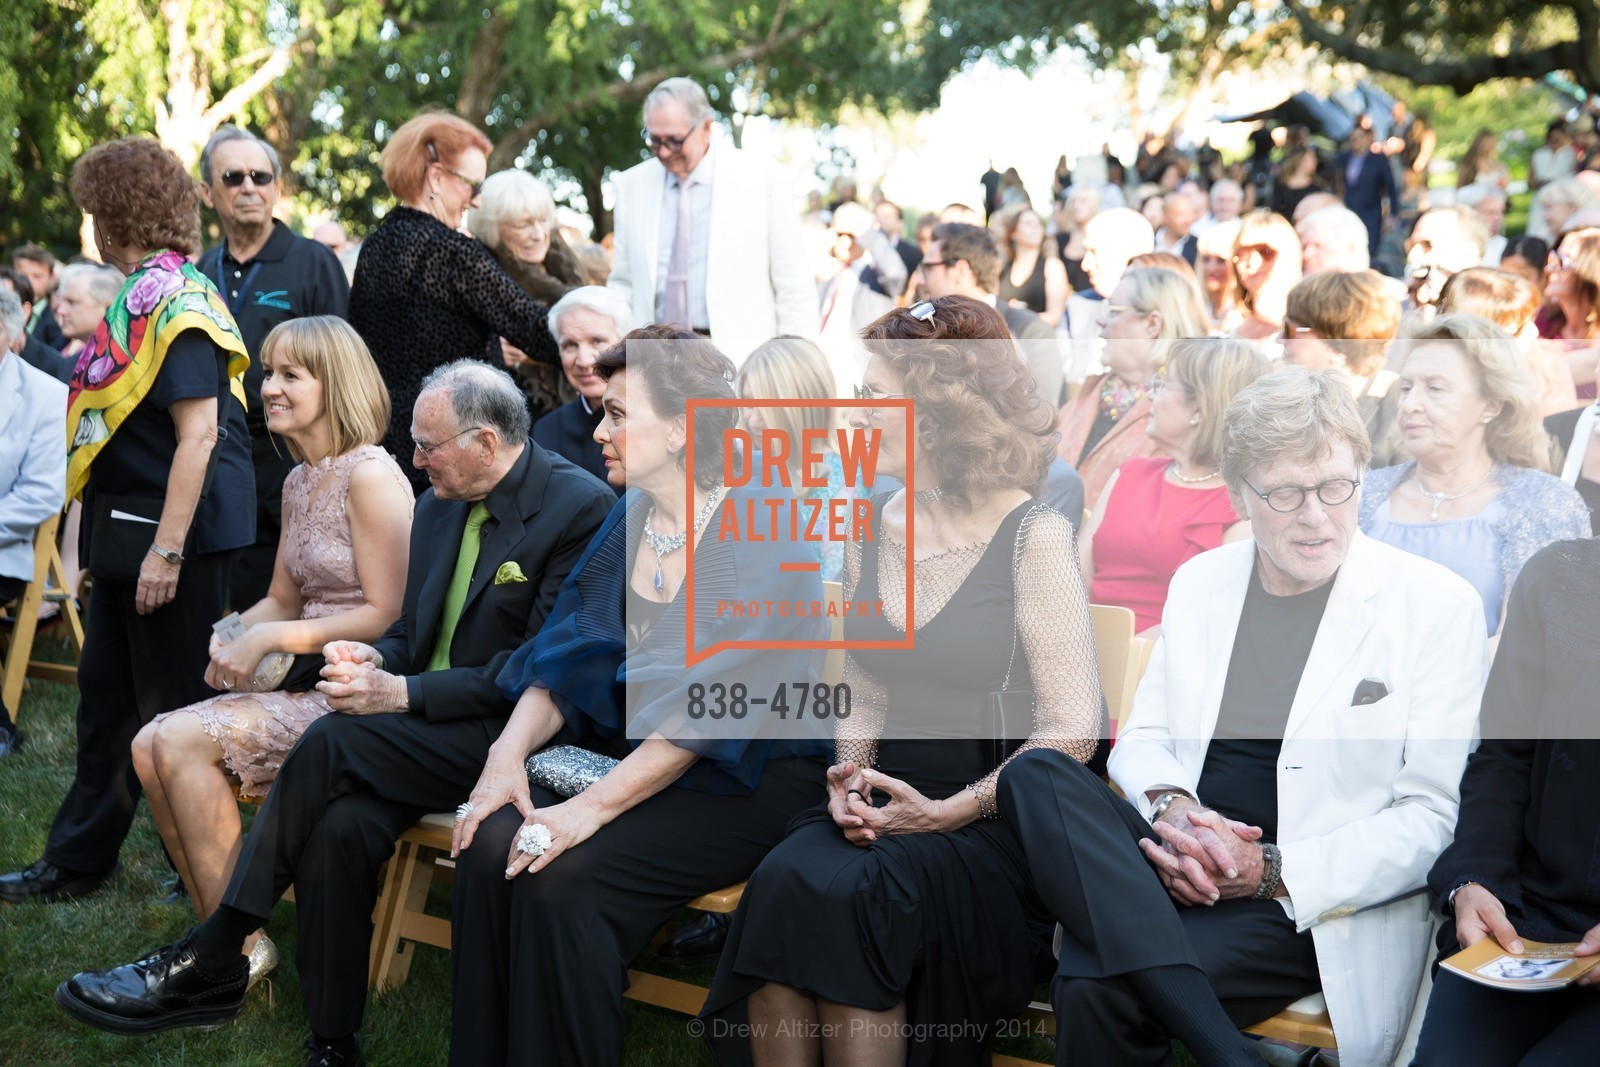 Jan Shrem, Maria Manetti Shrem, Sophia Loren, Robert Redford, Photo #838-4780